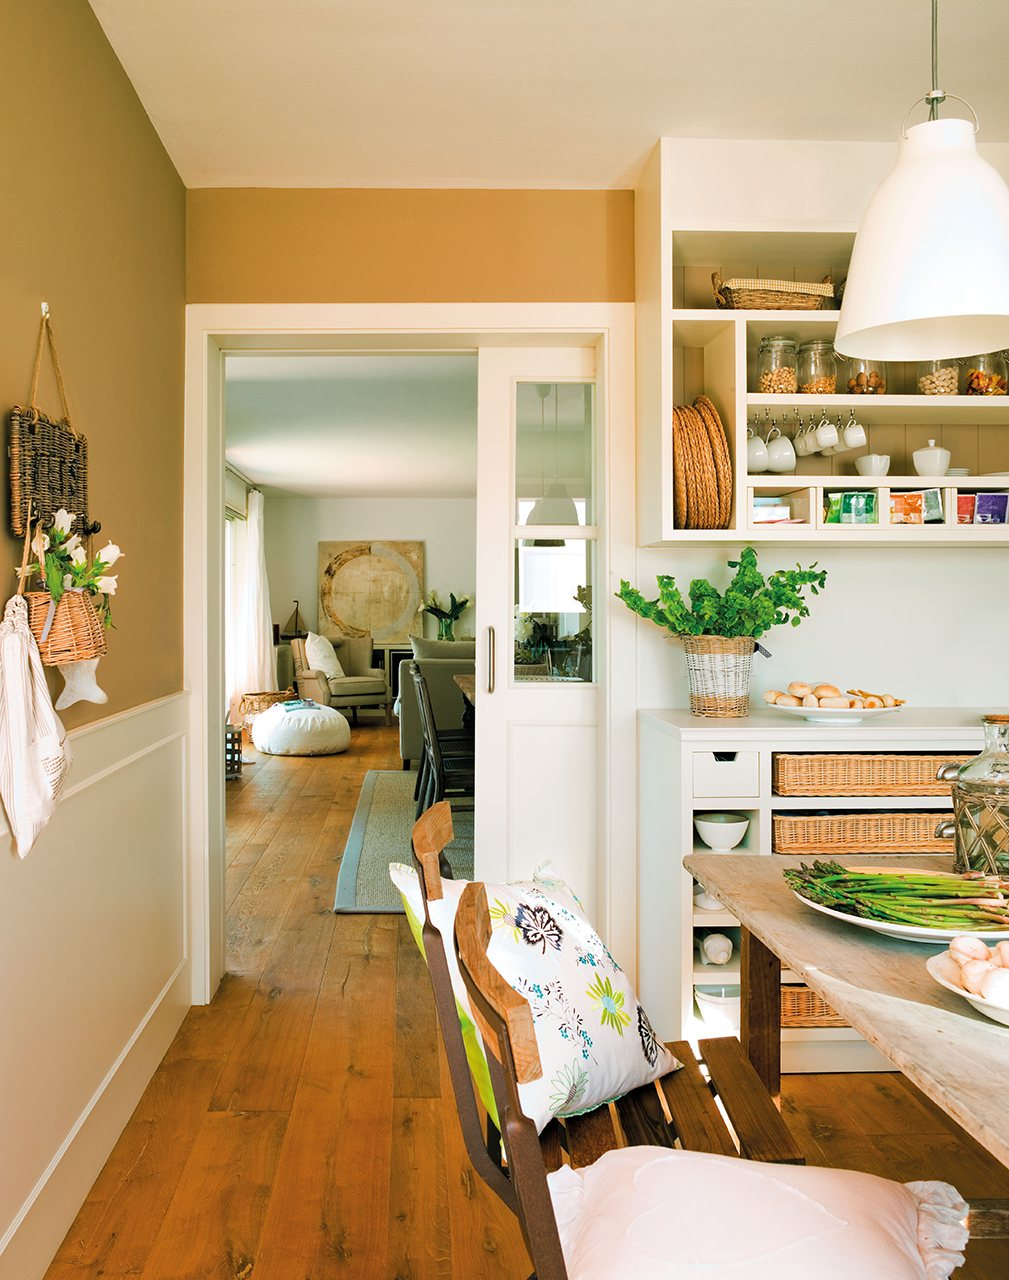 puerta corredera blanca que une la cocina con el saln comedor